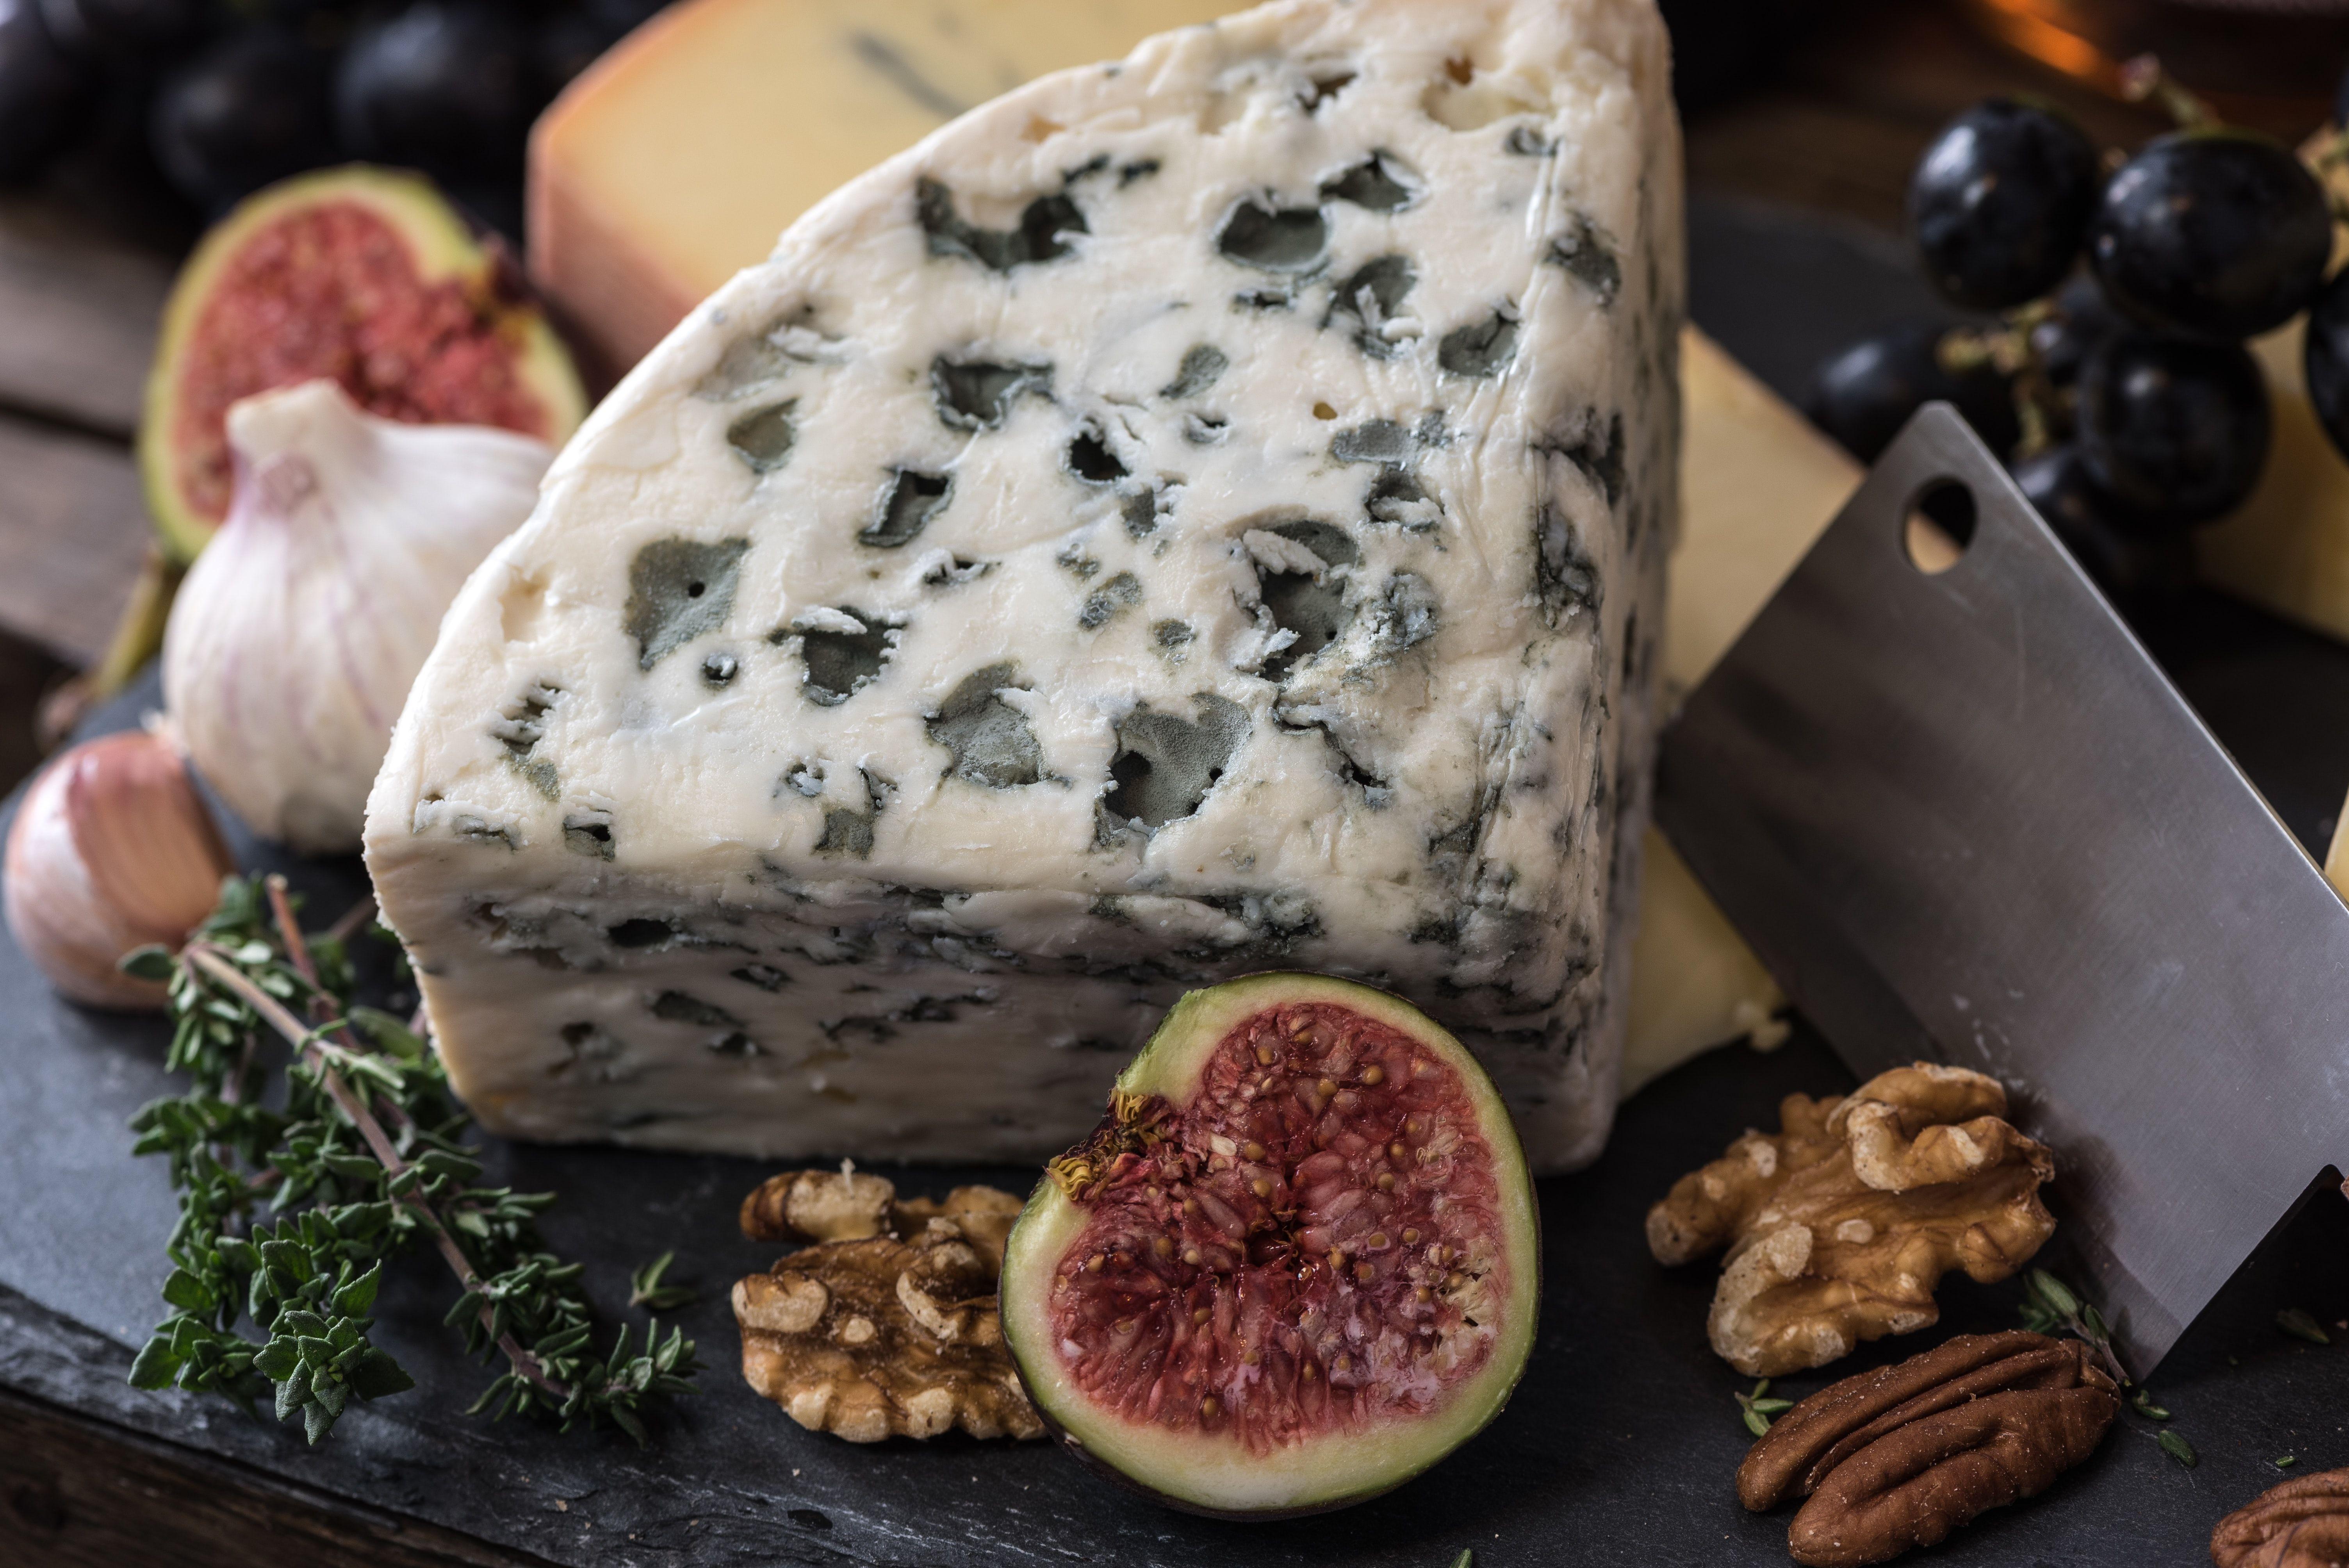 Blue_cheese_jez-timms-gmw2nz7jgre-unsplash